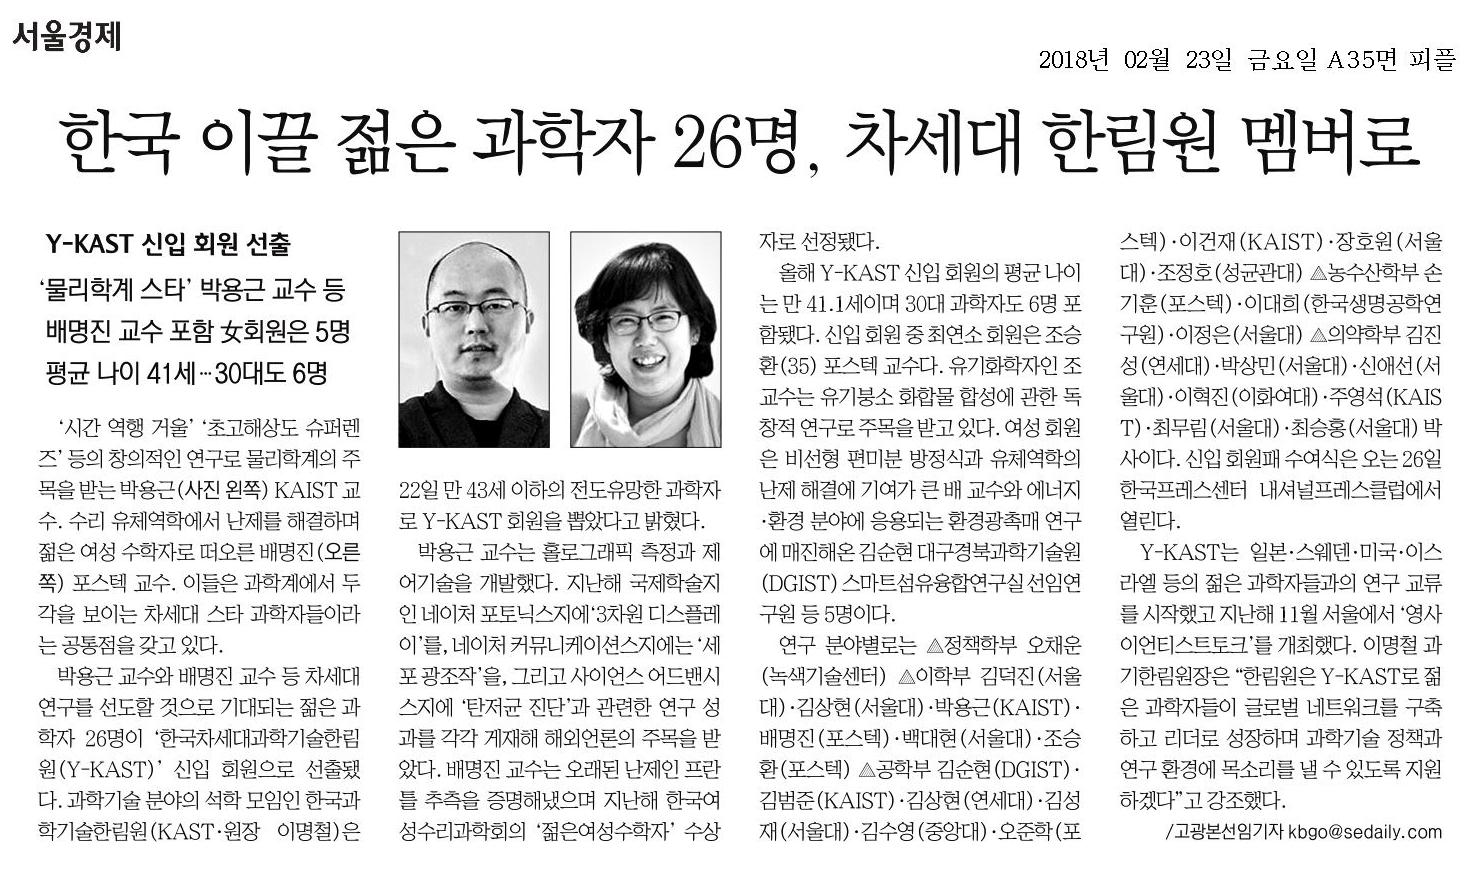 20180223_박용근 교수 차세대 한림원 멤버 선정.png